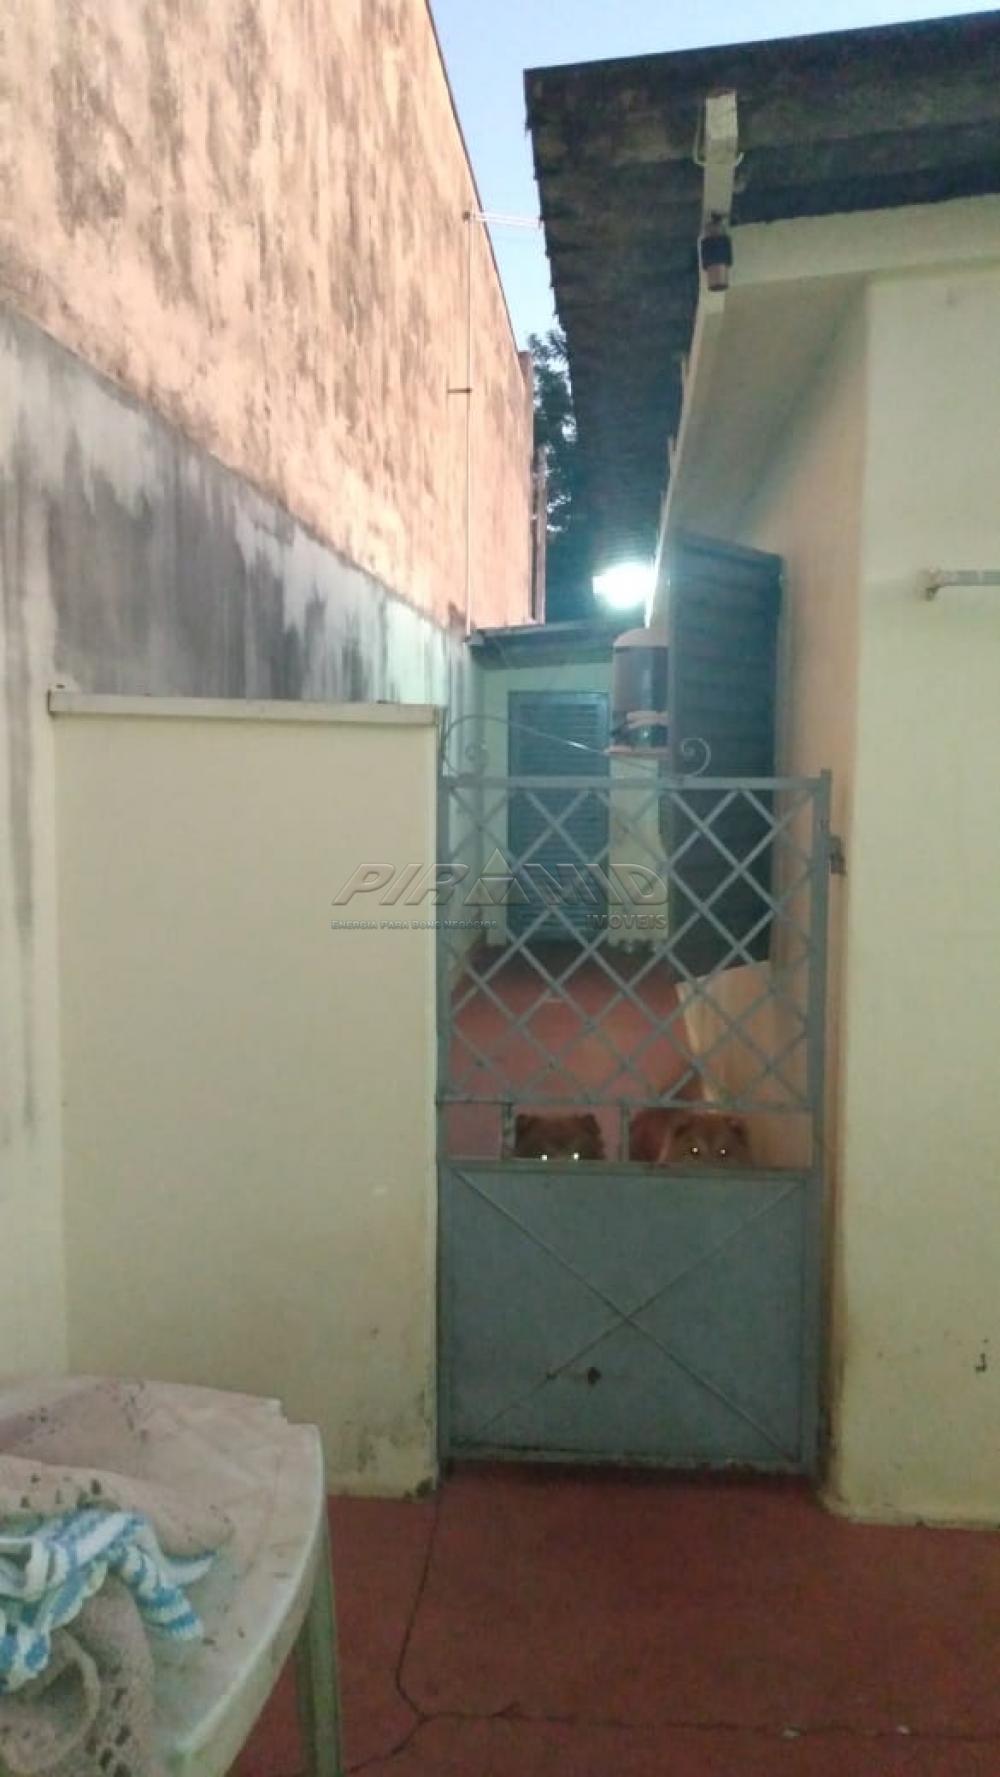 Comprar Casa / Padrão em Ribeirão Preto apenas R$ 200.000,00 - Foto 14